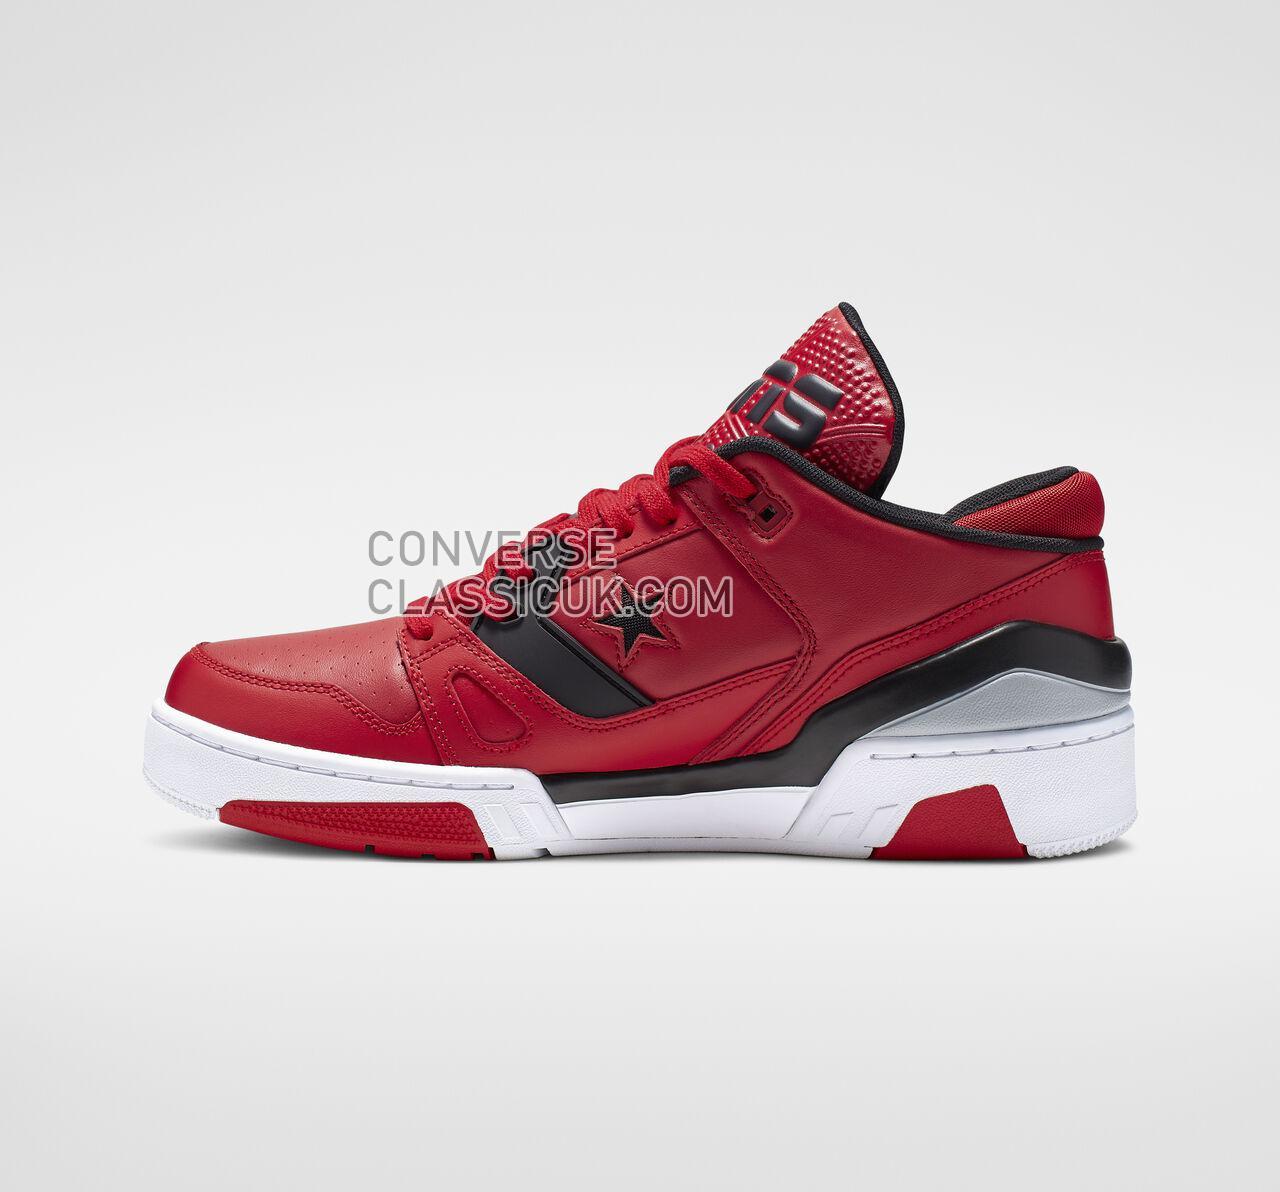 Converse ERX 260 Low Top Mens Womens Unisex 165043C Enamel Red/Black/White Shoes